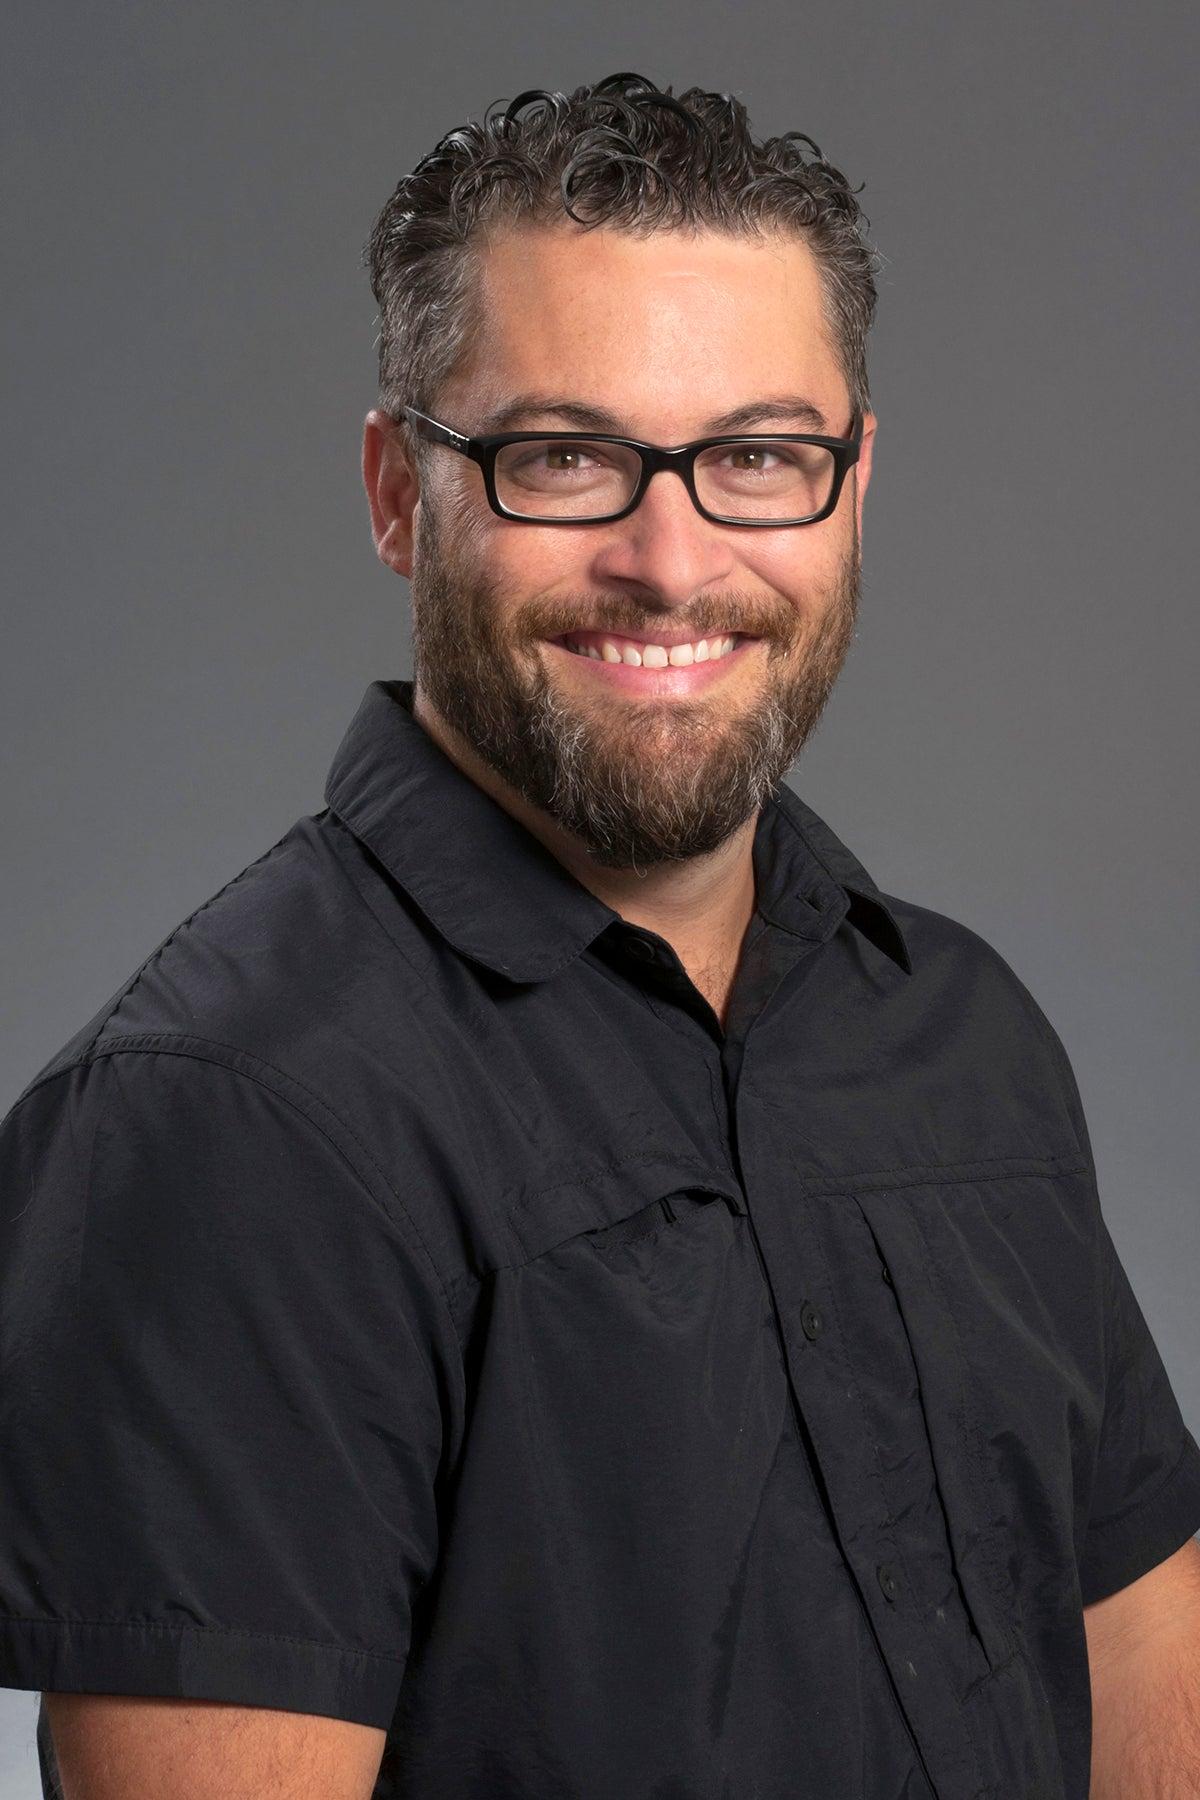 Patrick Lowenthal, Ed Tech